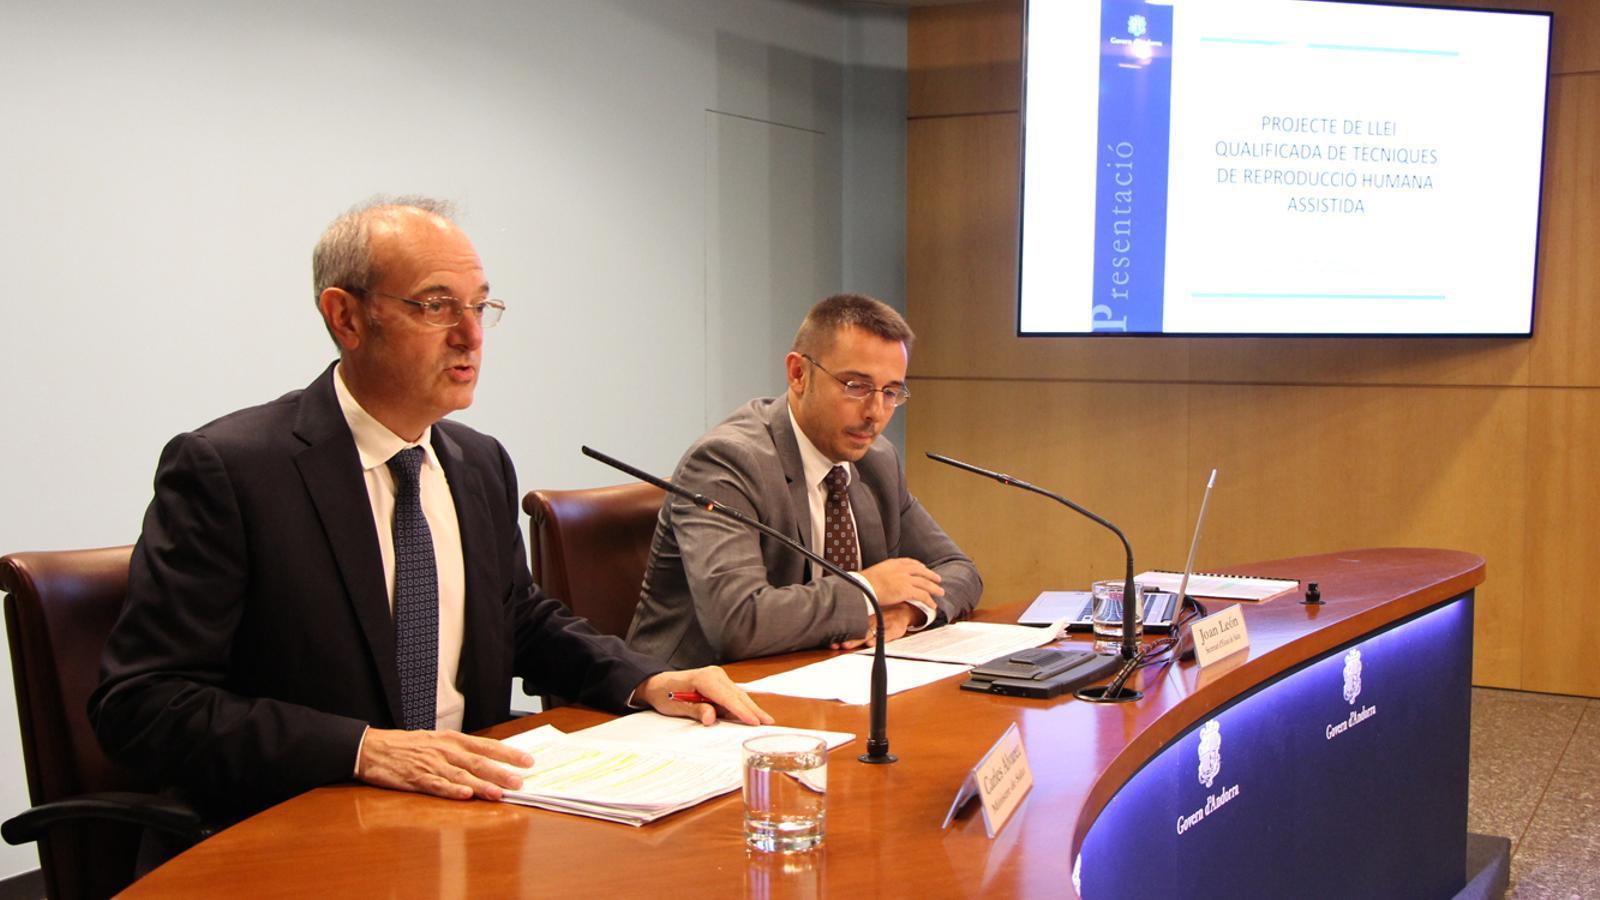 Carles Álvarez i Joan León durant la presentació del projecte de llei. / M. T. (ANA)